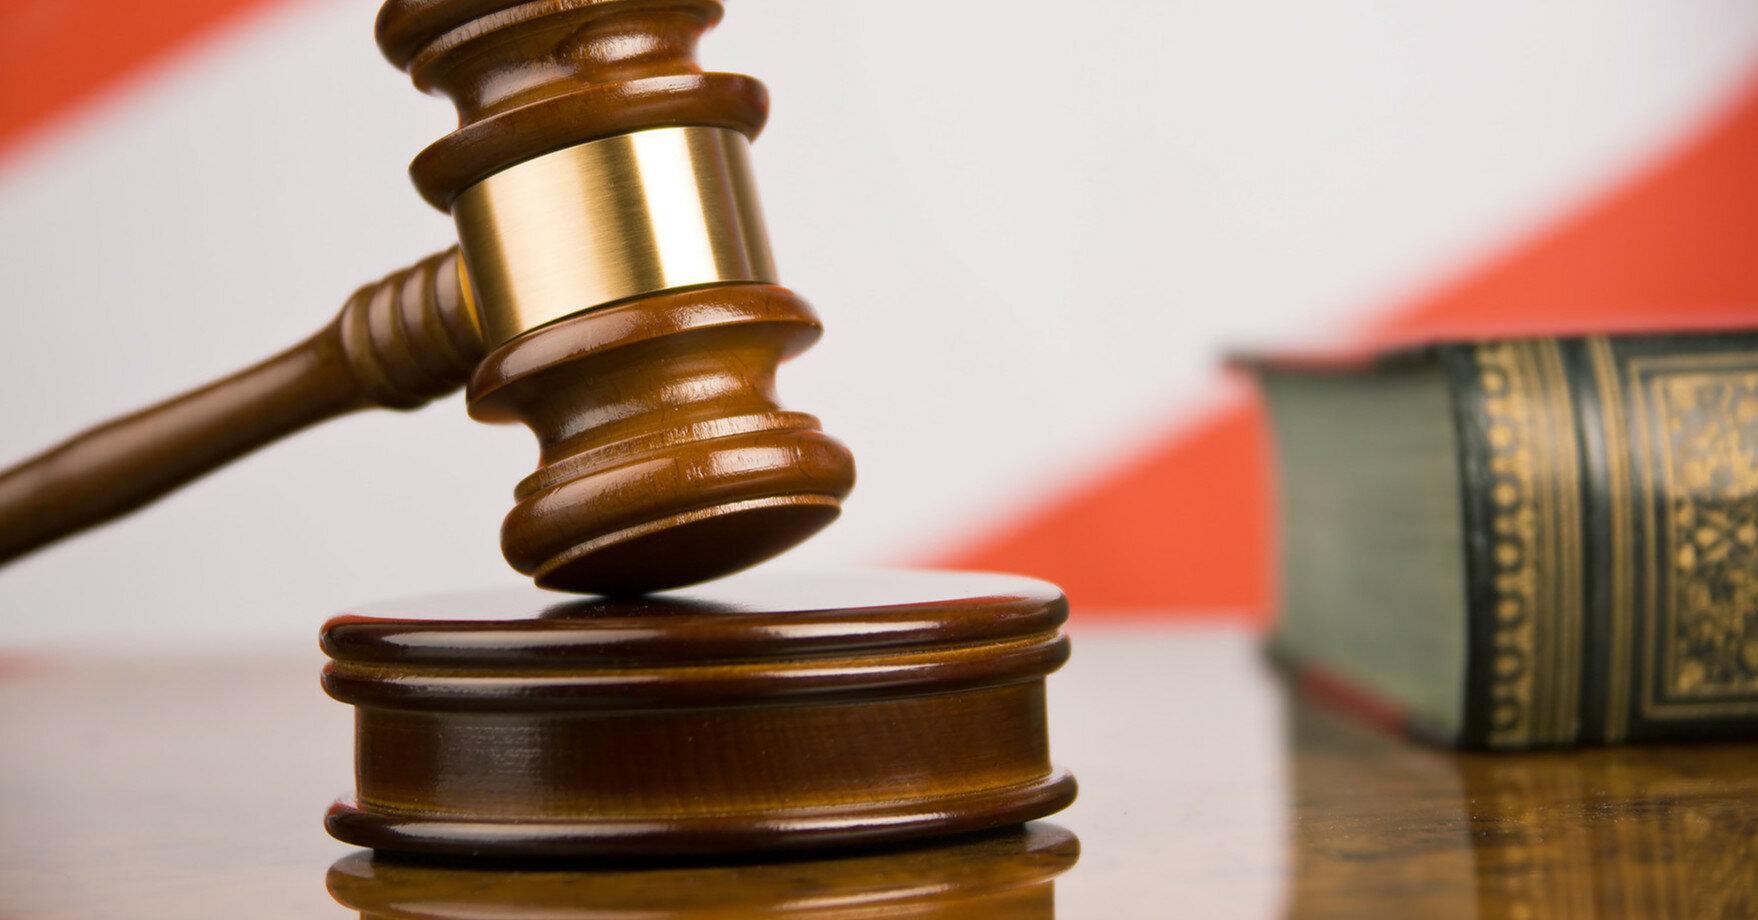 Вымогатели фейкового долга у харьковчанки предстанут перед судом